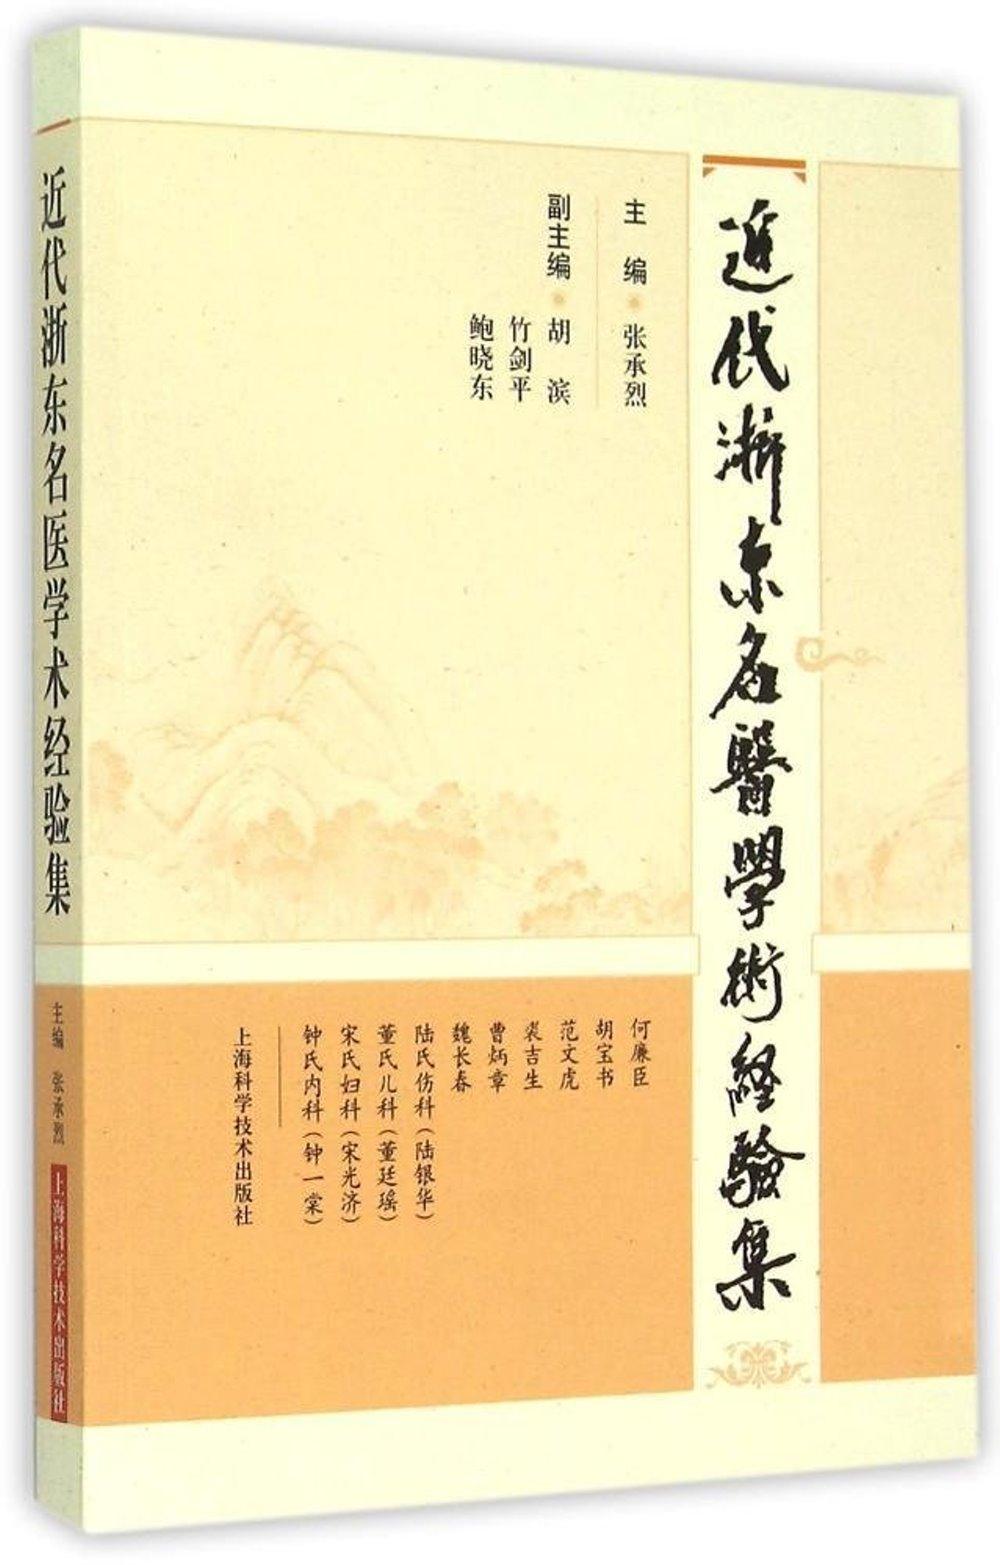 近代浙東名醫學術經驗集